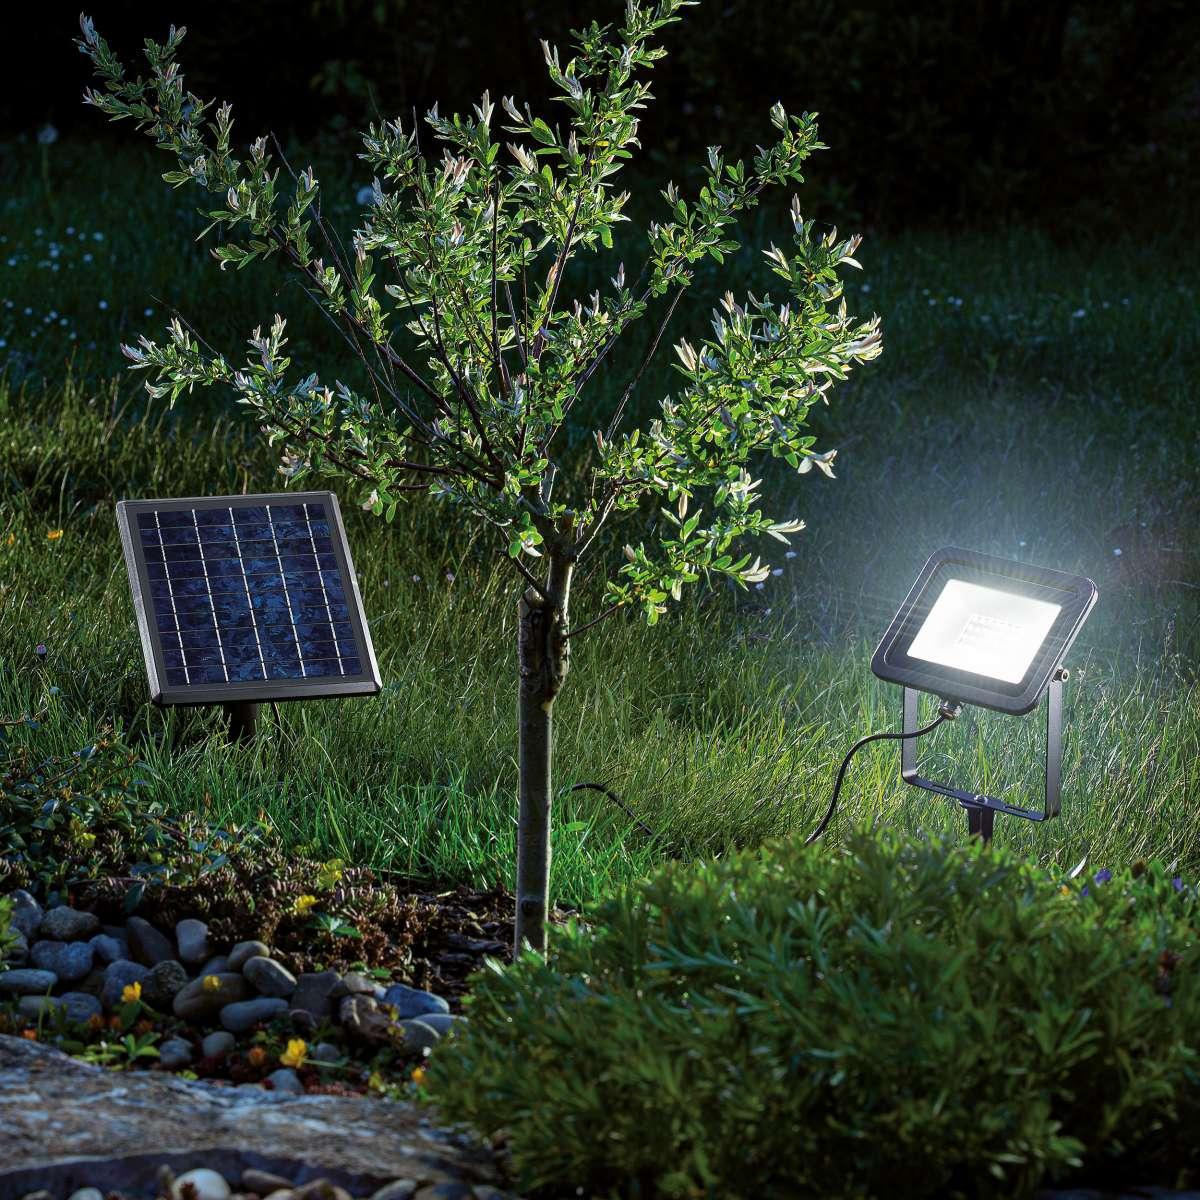 faretto solare 200 lumen ilkluminazione arbusti